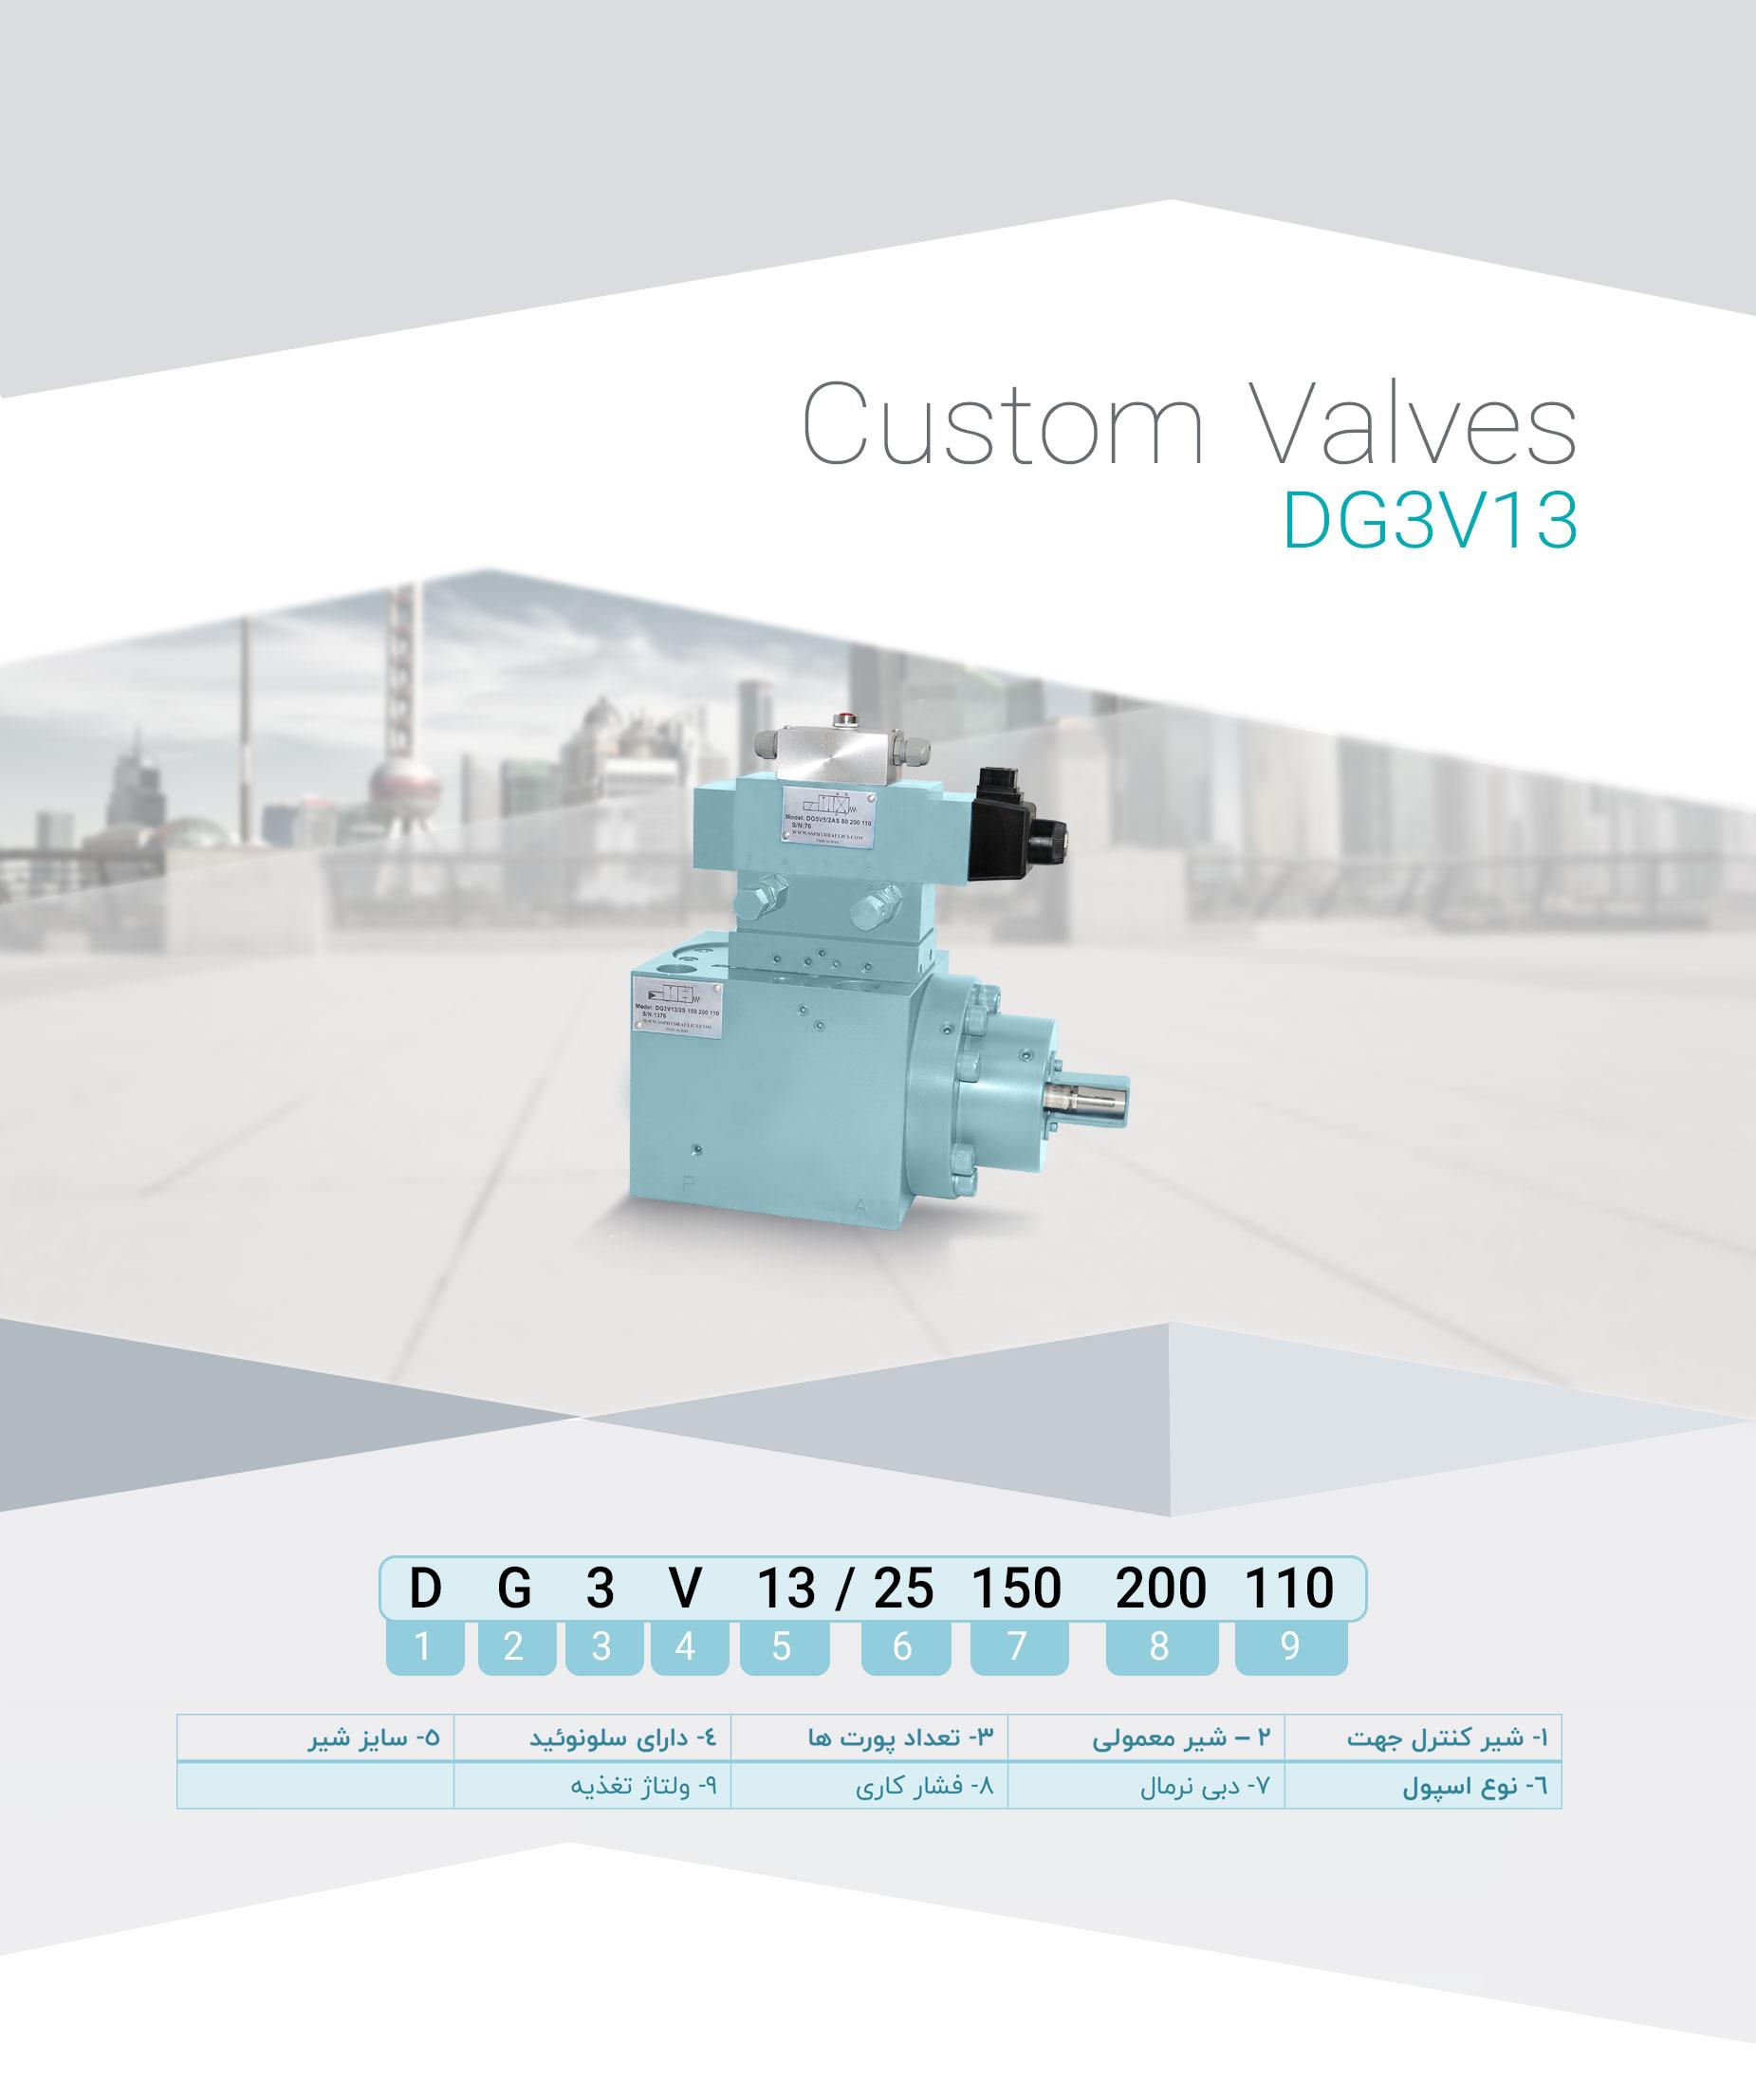 DG3V13(1)